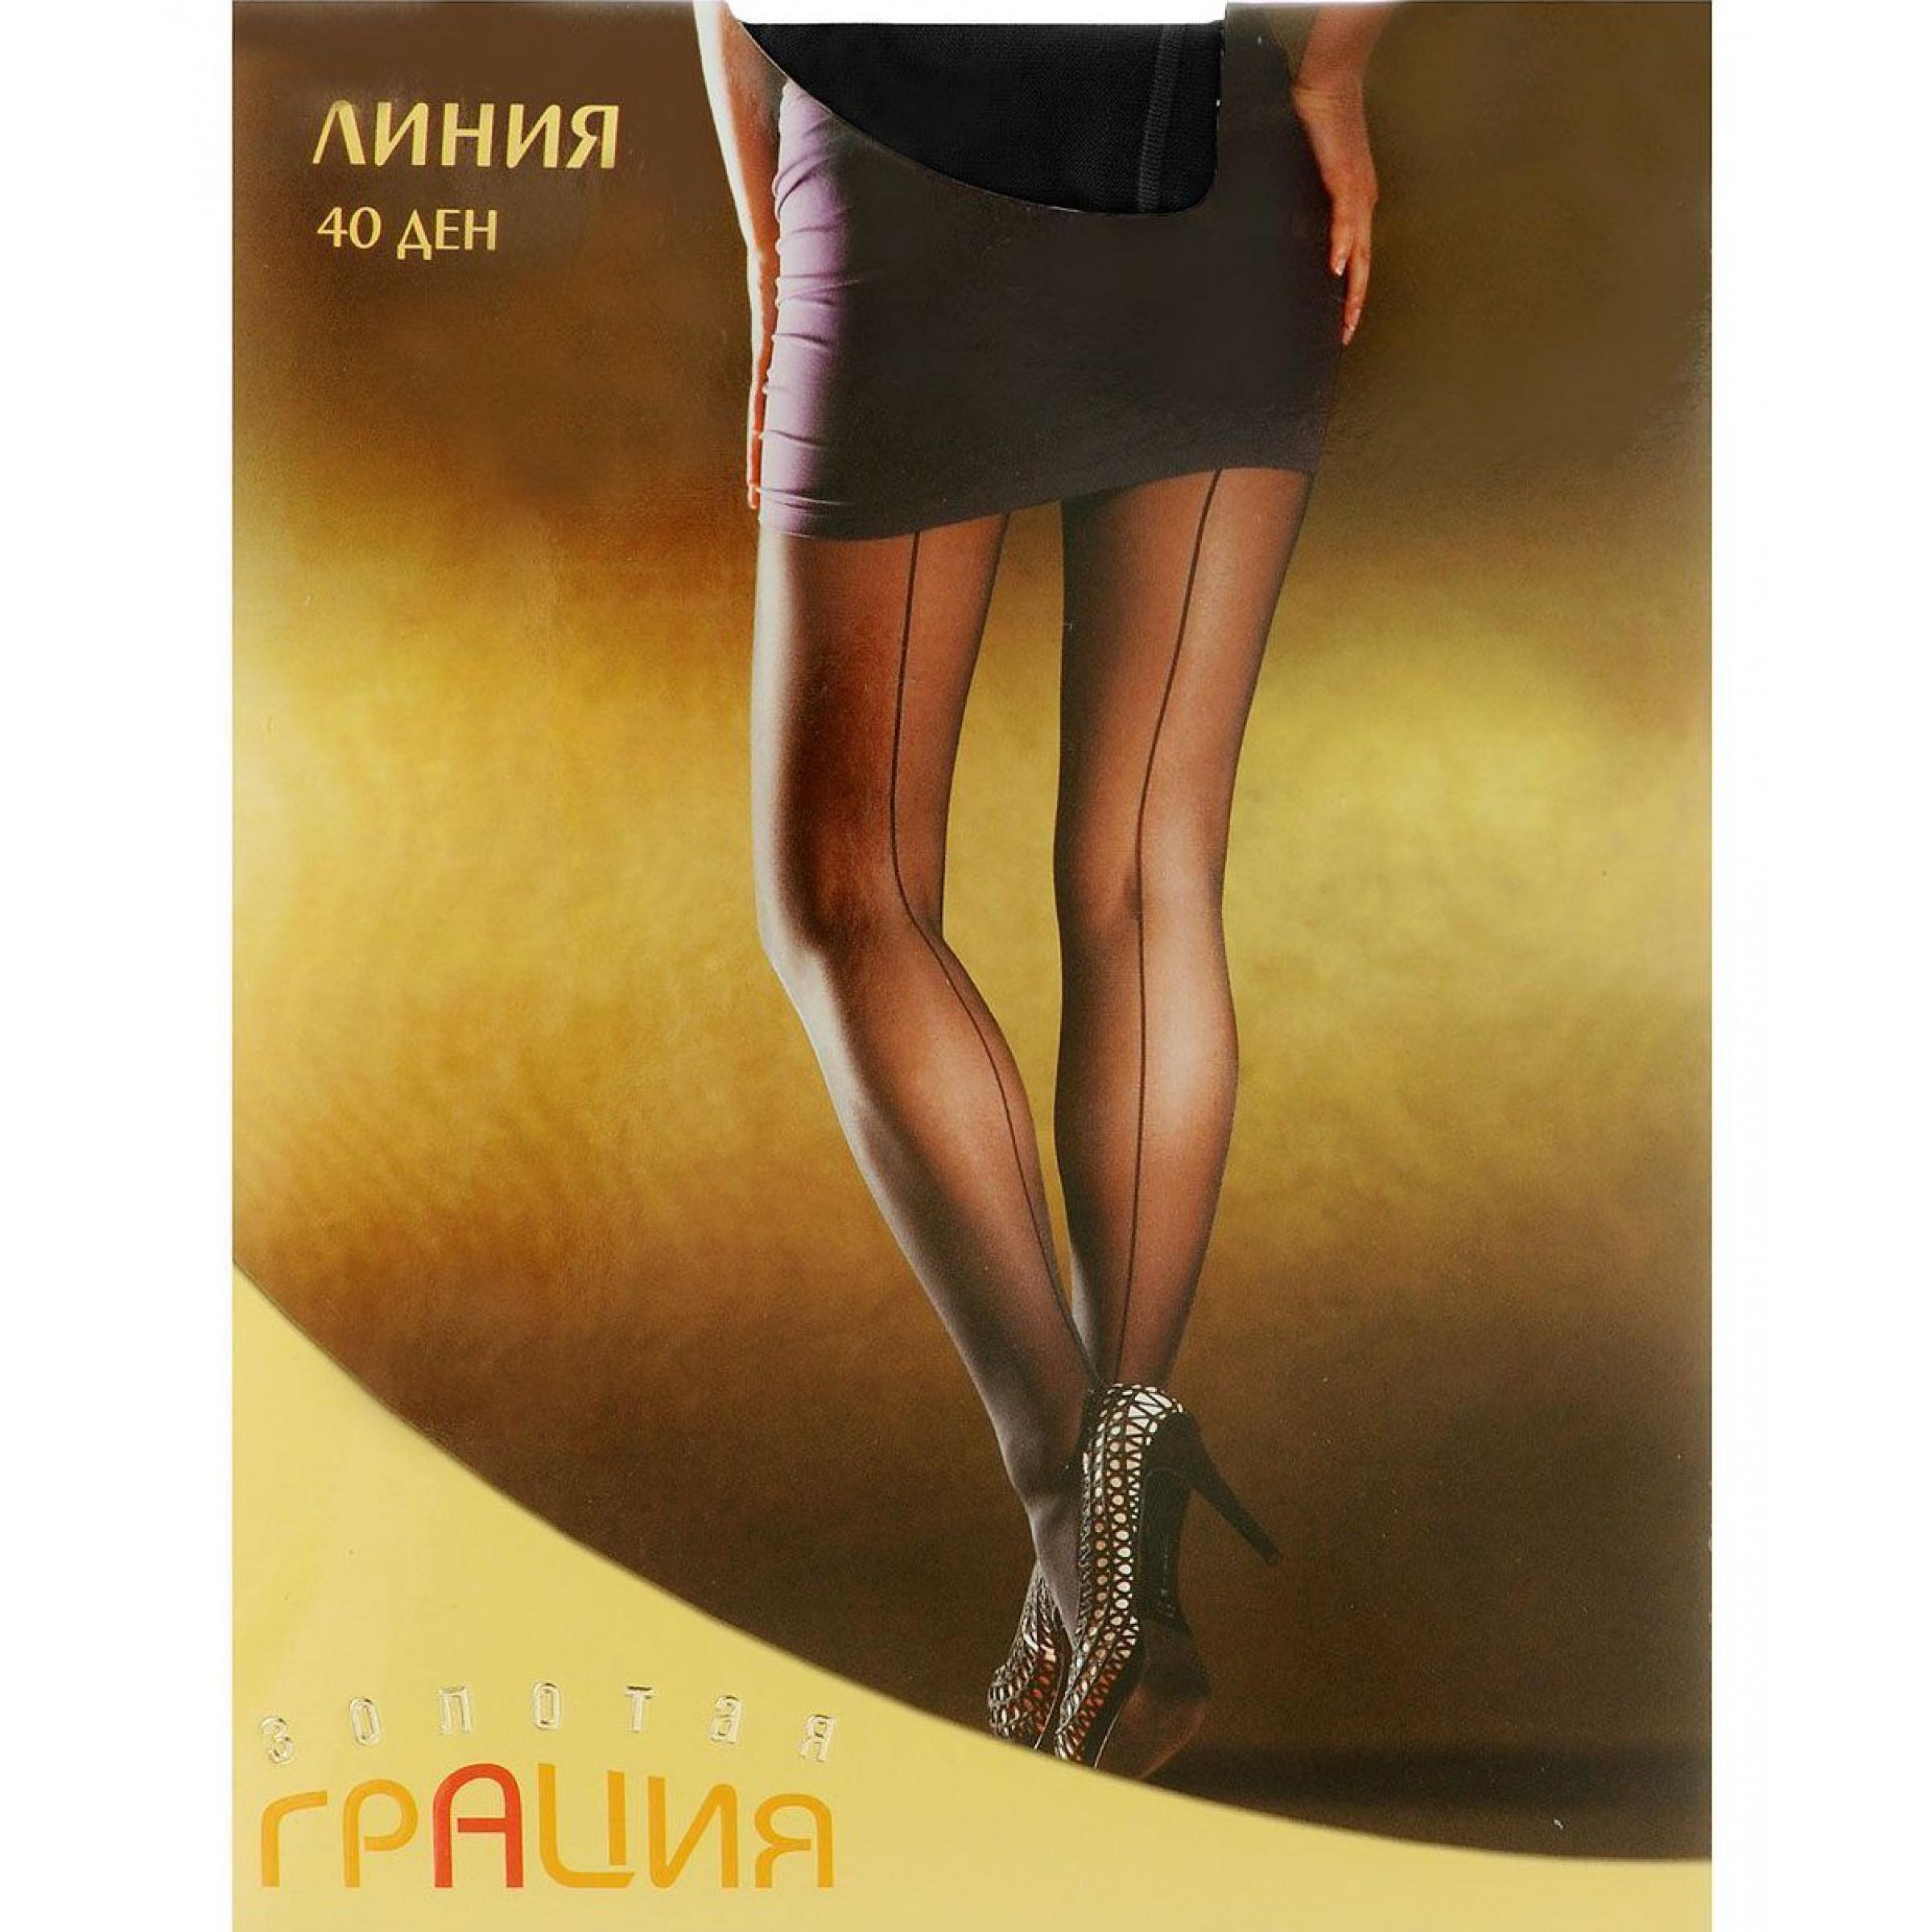 Колготки женские с эмитацией заднего шва Грация Линия 40den цвет церный 4размер, 1шт